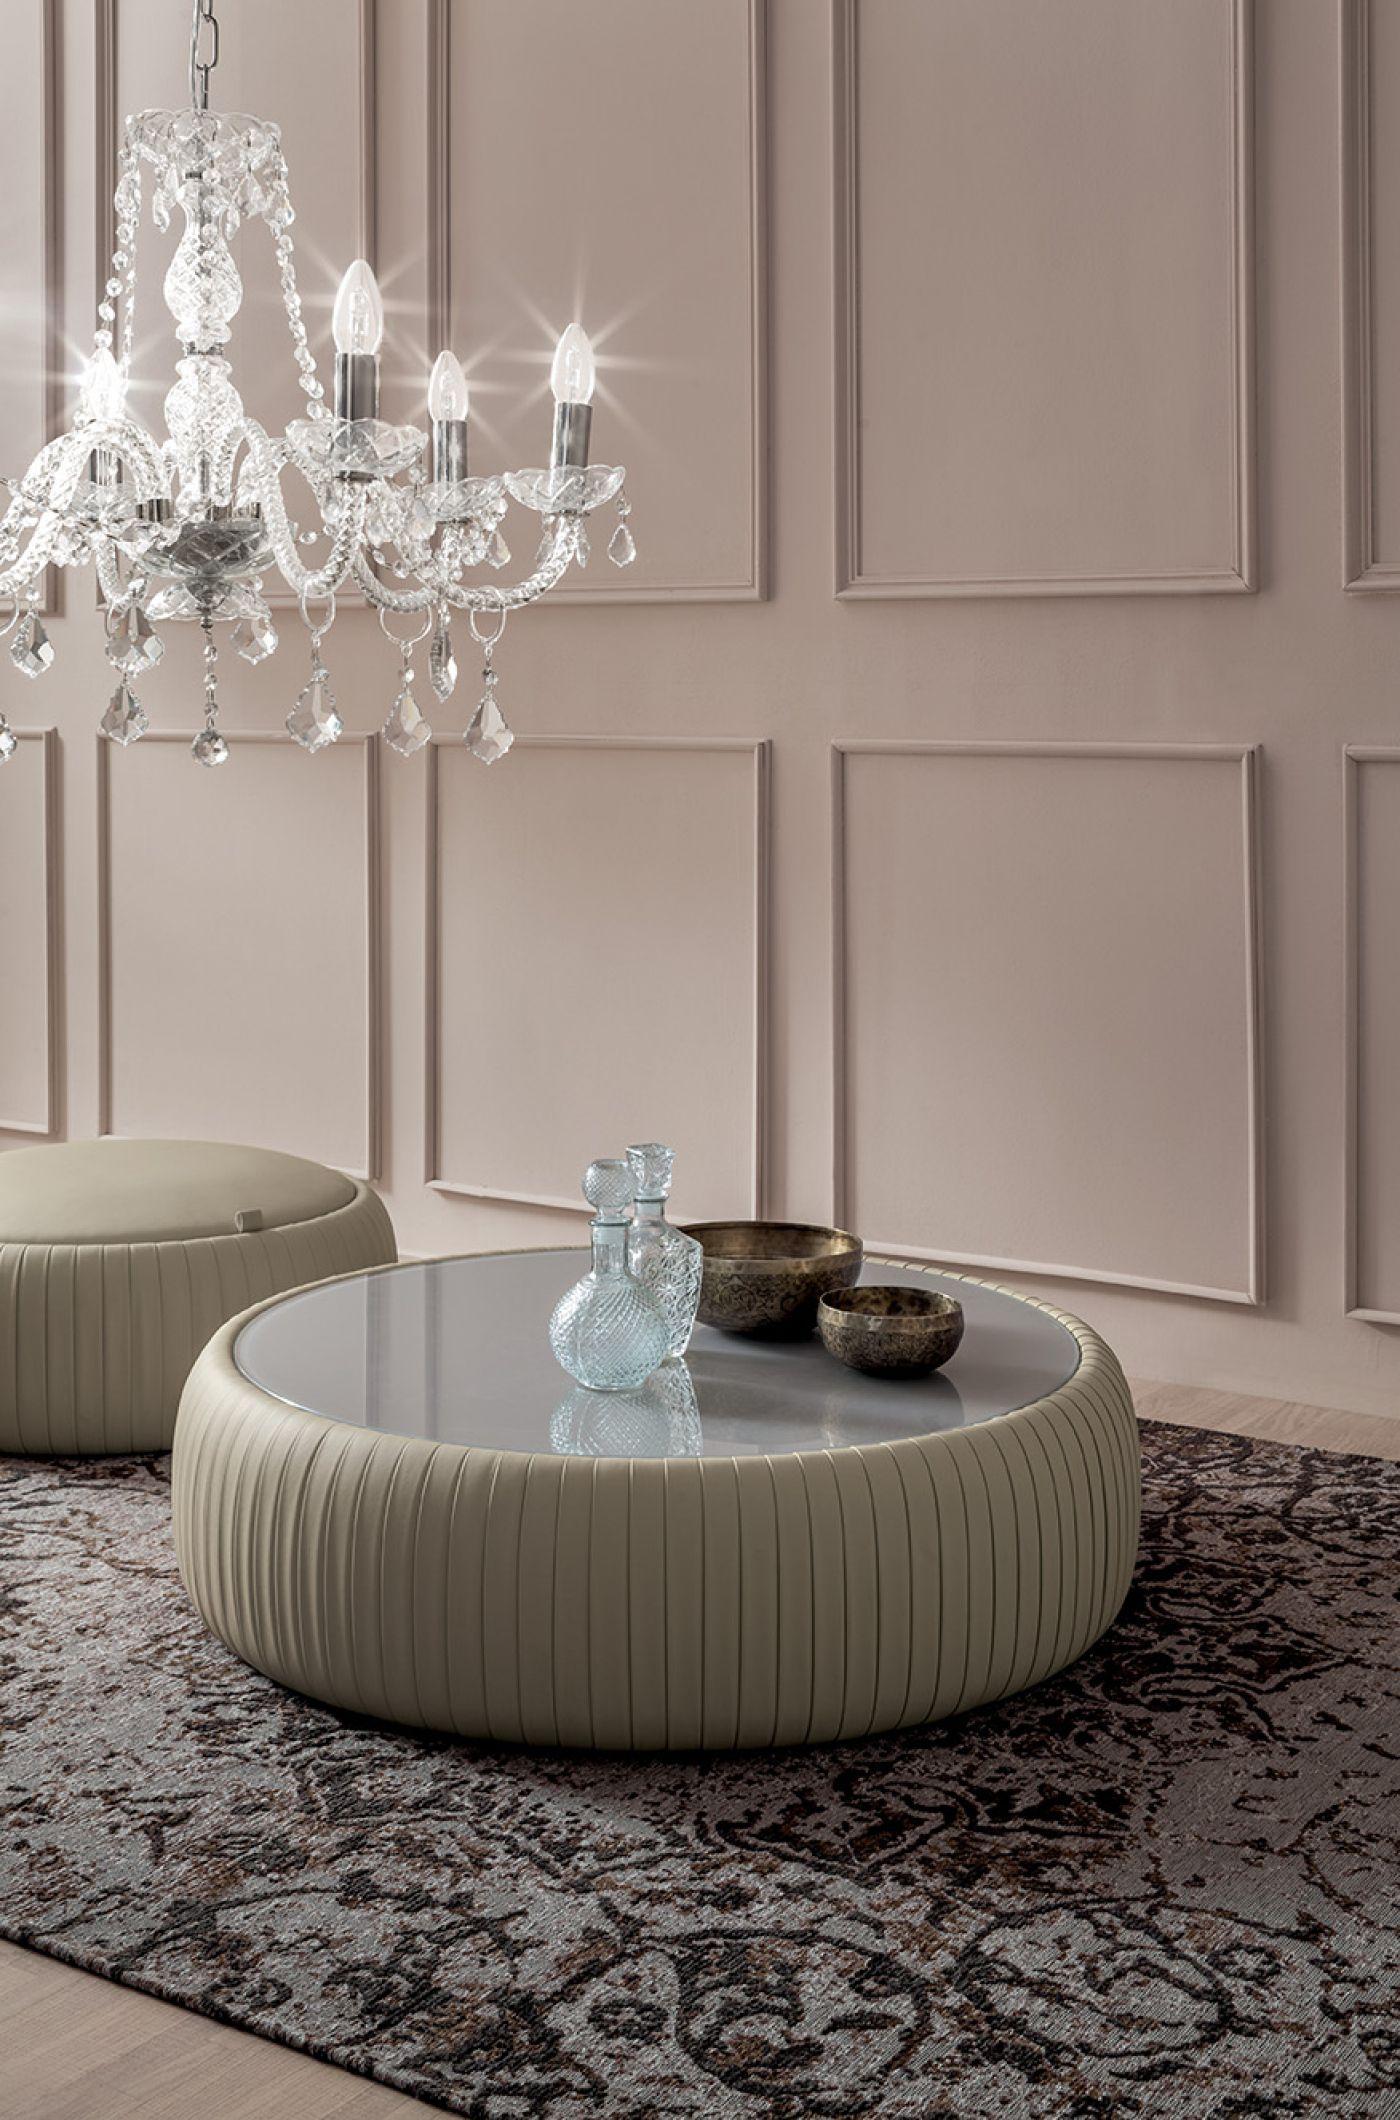 Un Pouf Un Tavolino Un Contenitore Scopri Plisse Pouf Contemporary Wall Design [ 2120 x 1400 Pixel ]